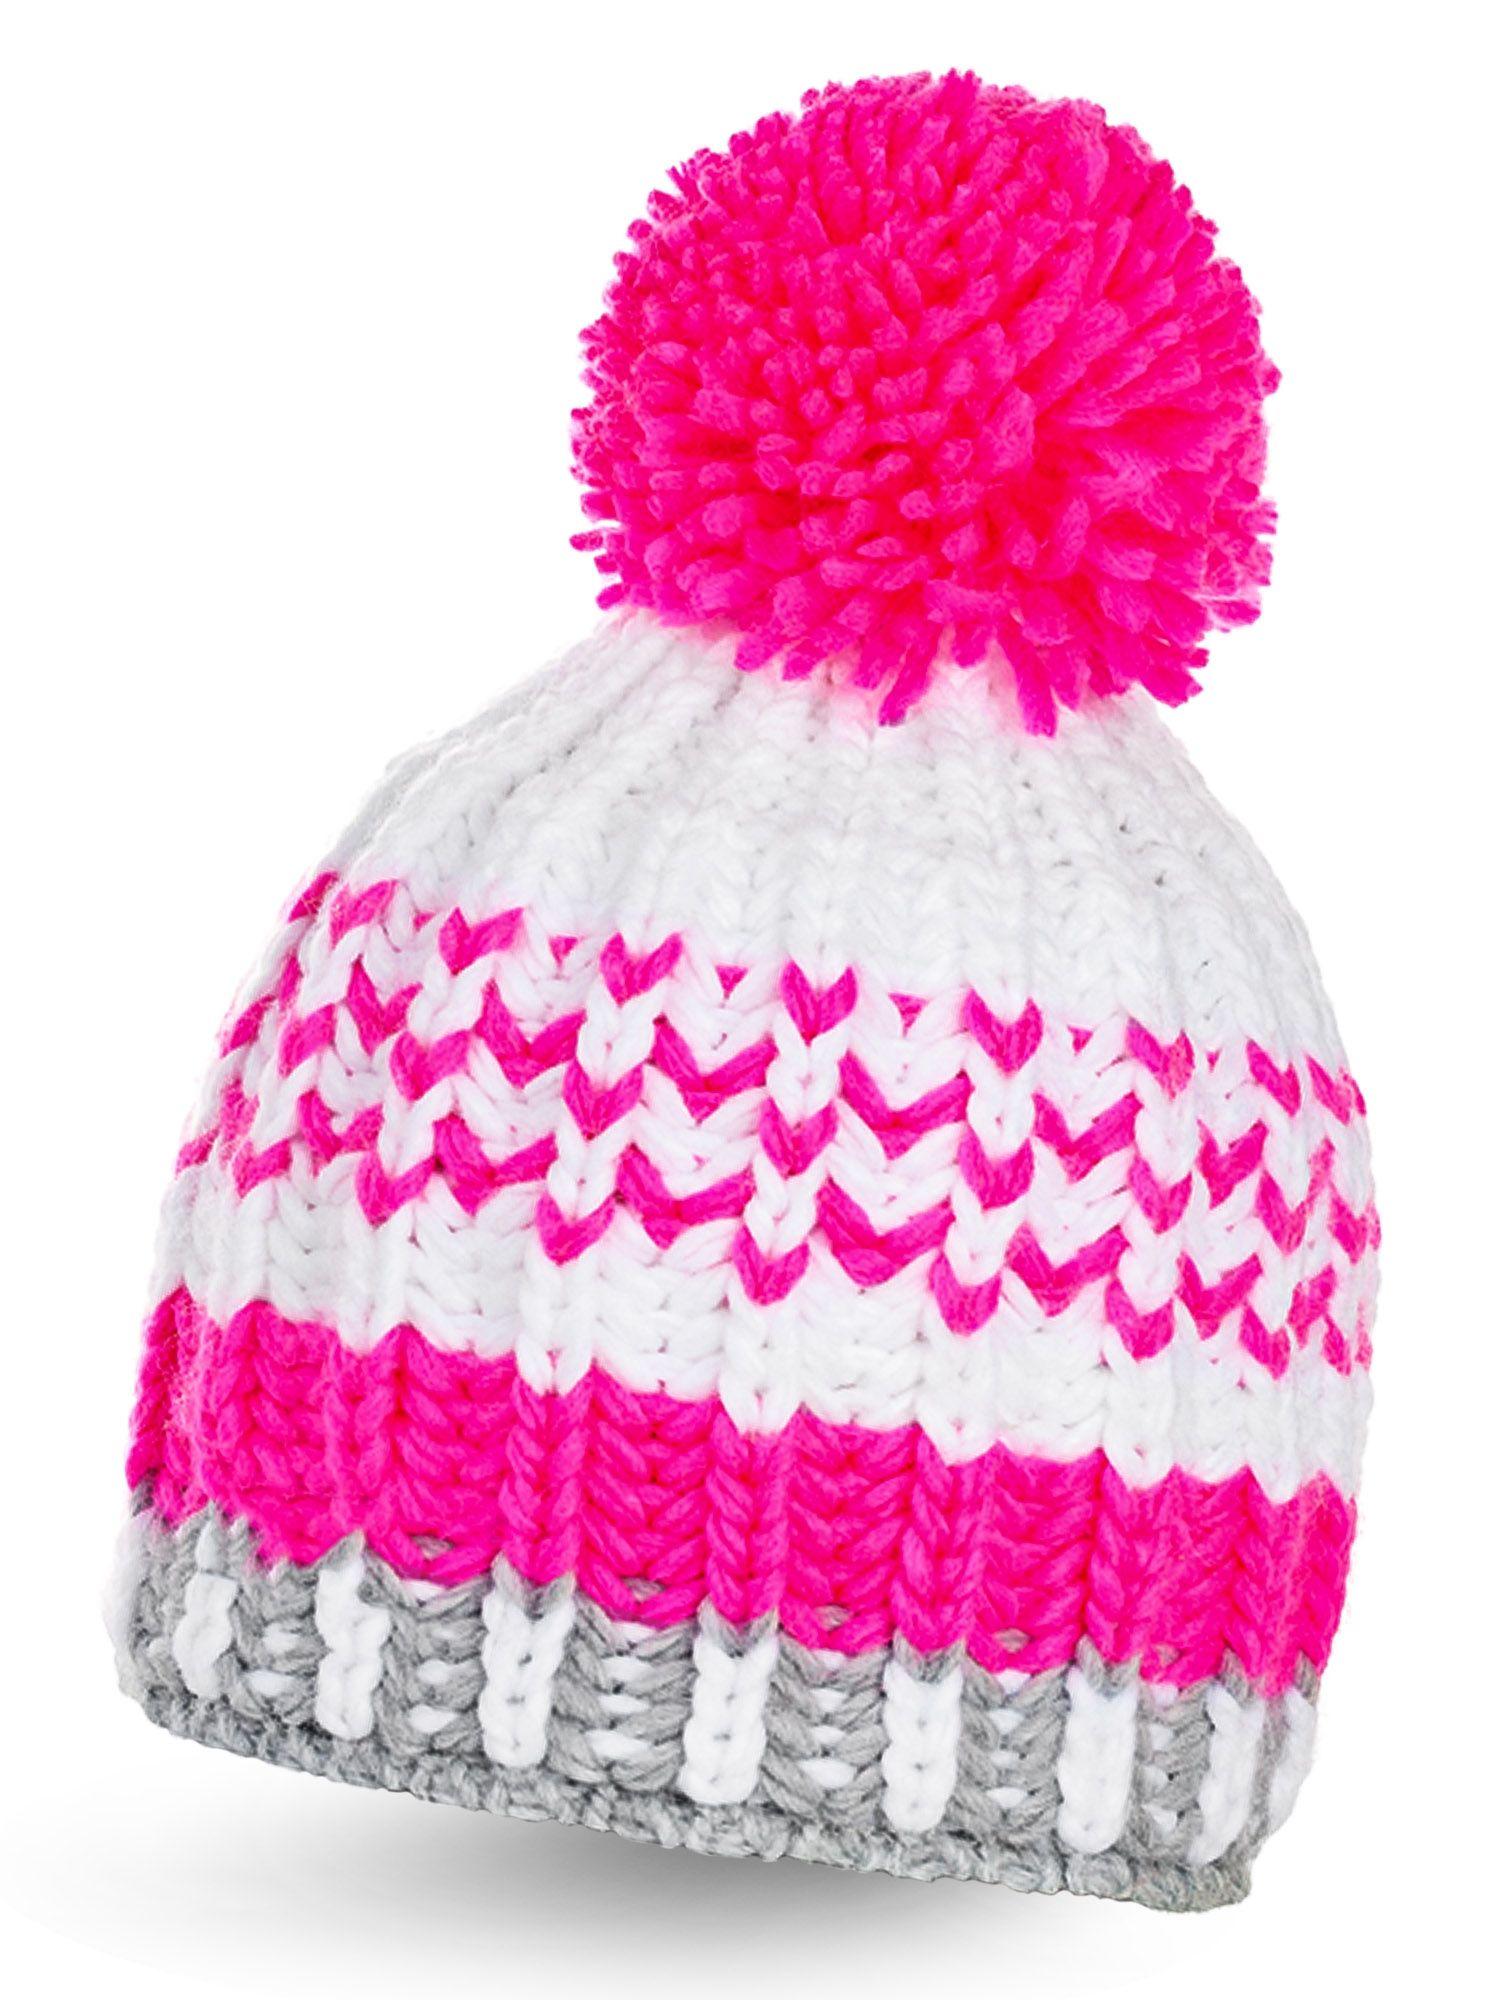 Damen Bommelmütze Mütze Strickmütze Wintermütze Pudelmuetze in 3 Farben